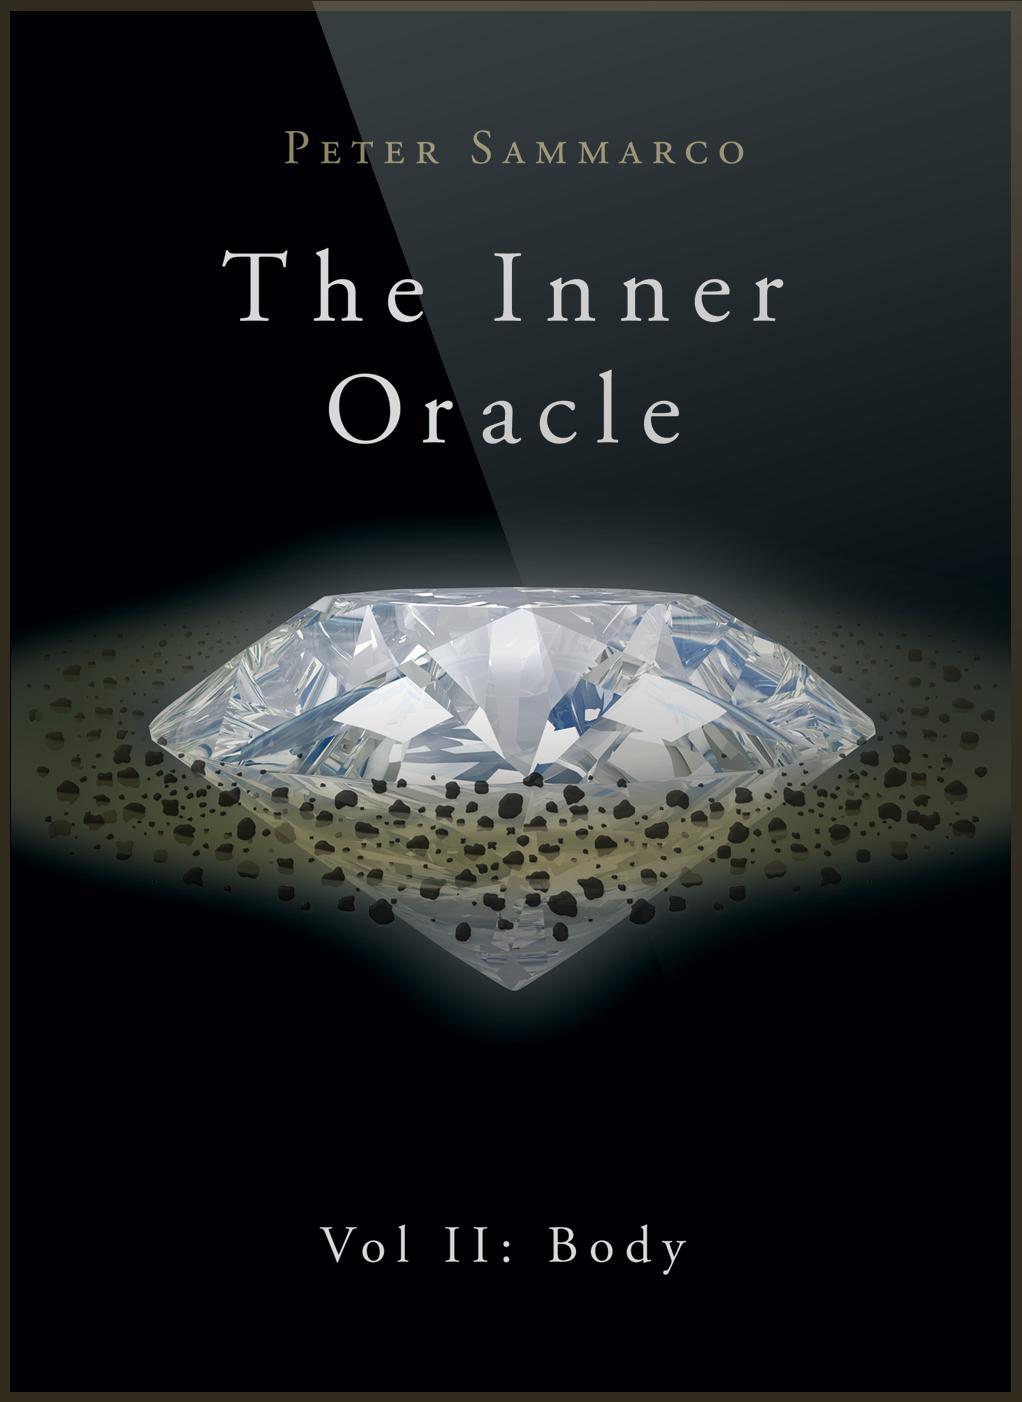 The Inner Oracle - Vol II: Body.png